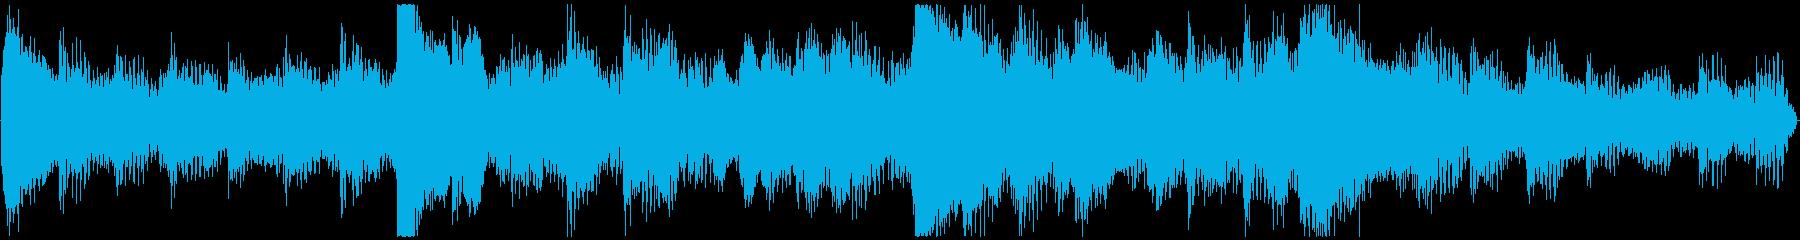 <Loop>駆け出す ピアノの再生済みの波形